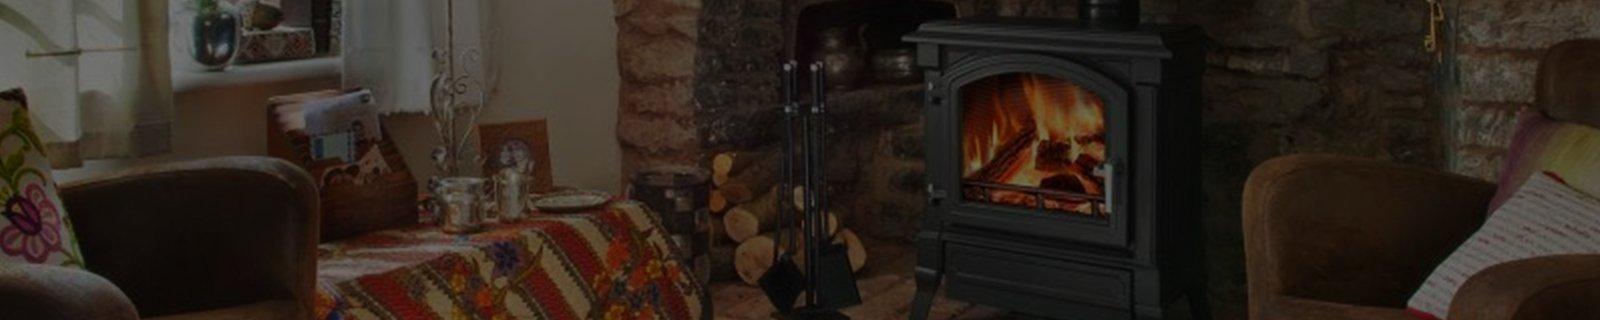 Печи с водяным контуром купить в Киеве. Установка, монтаж. Заказать. Цены, фото, сайт - Kaminoff